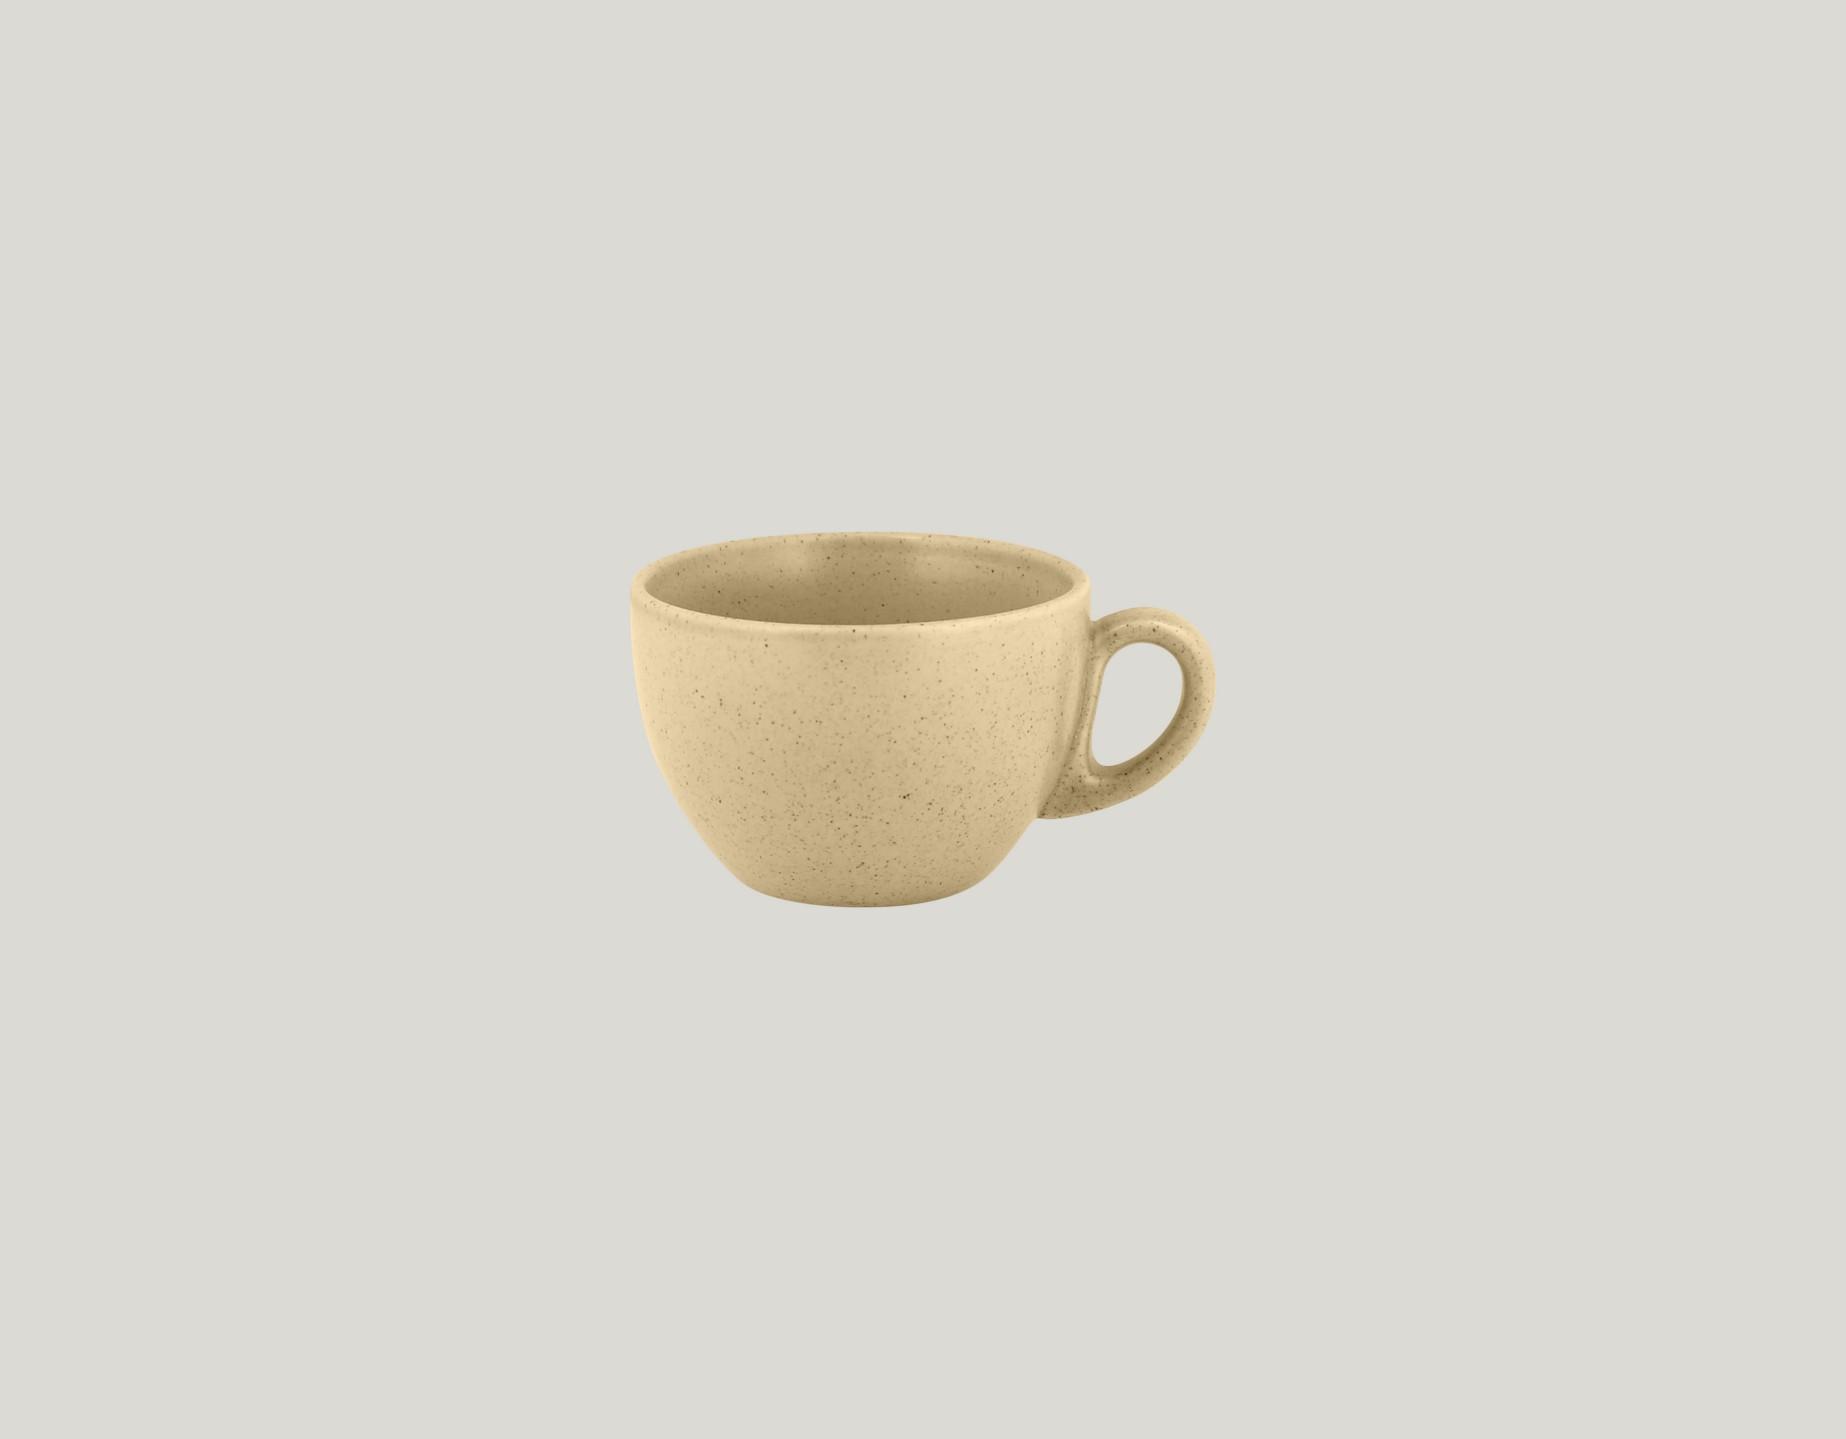 Šálek na kávu 23 cl - almond